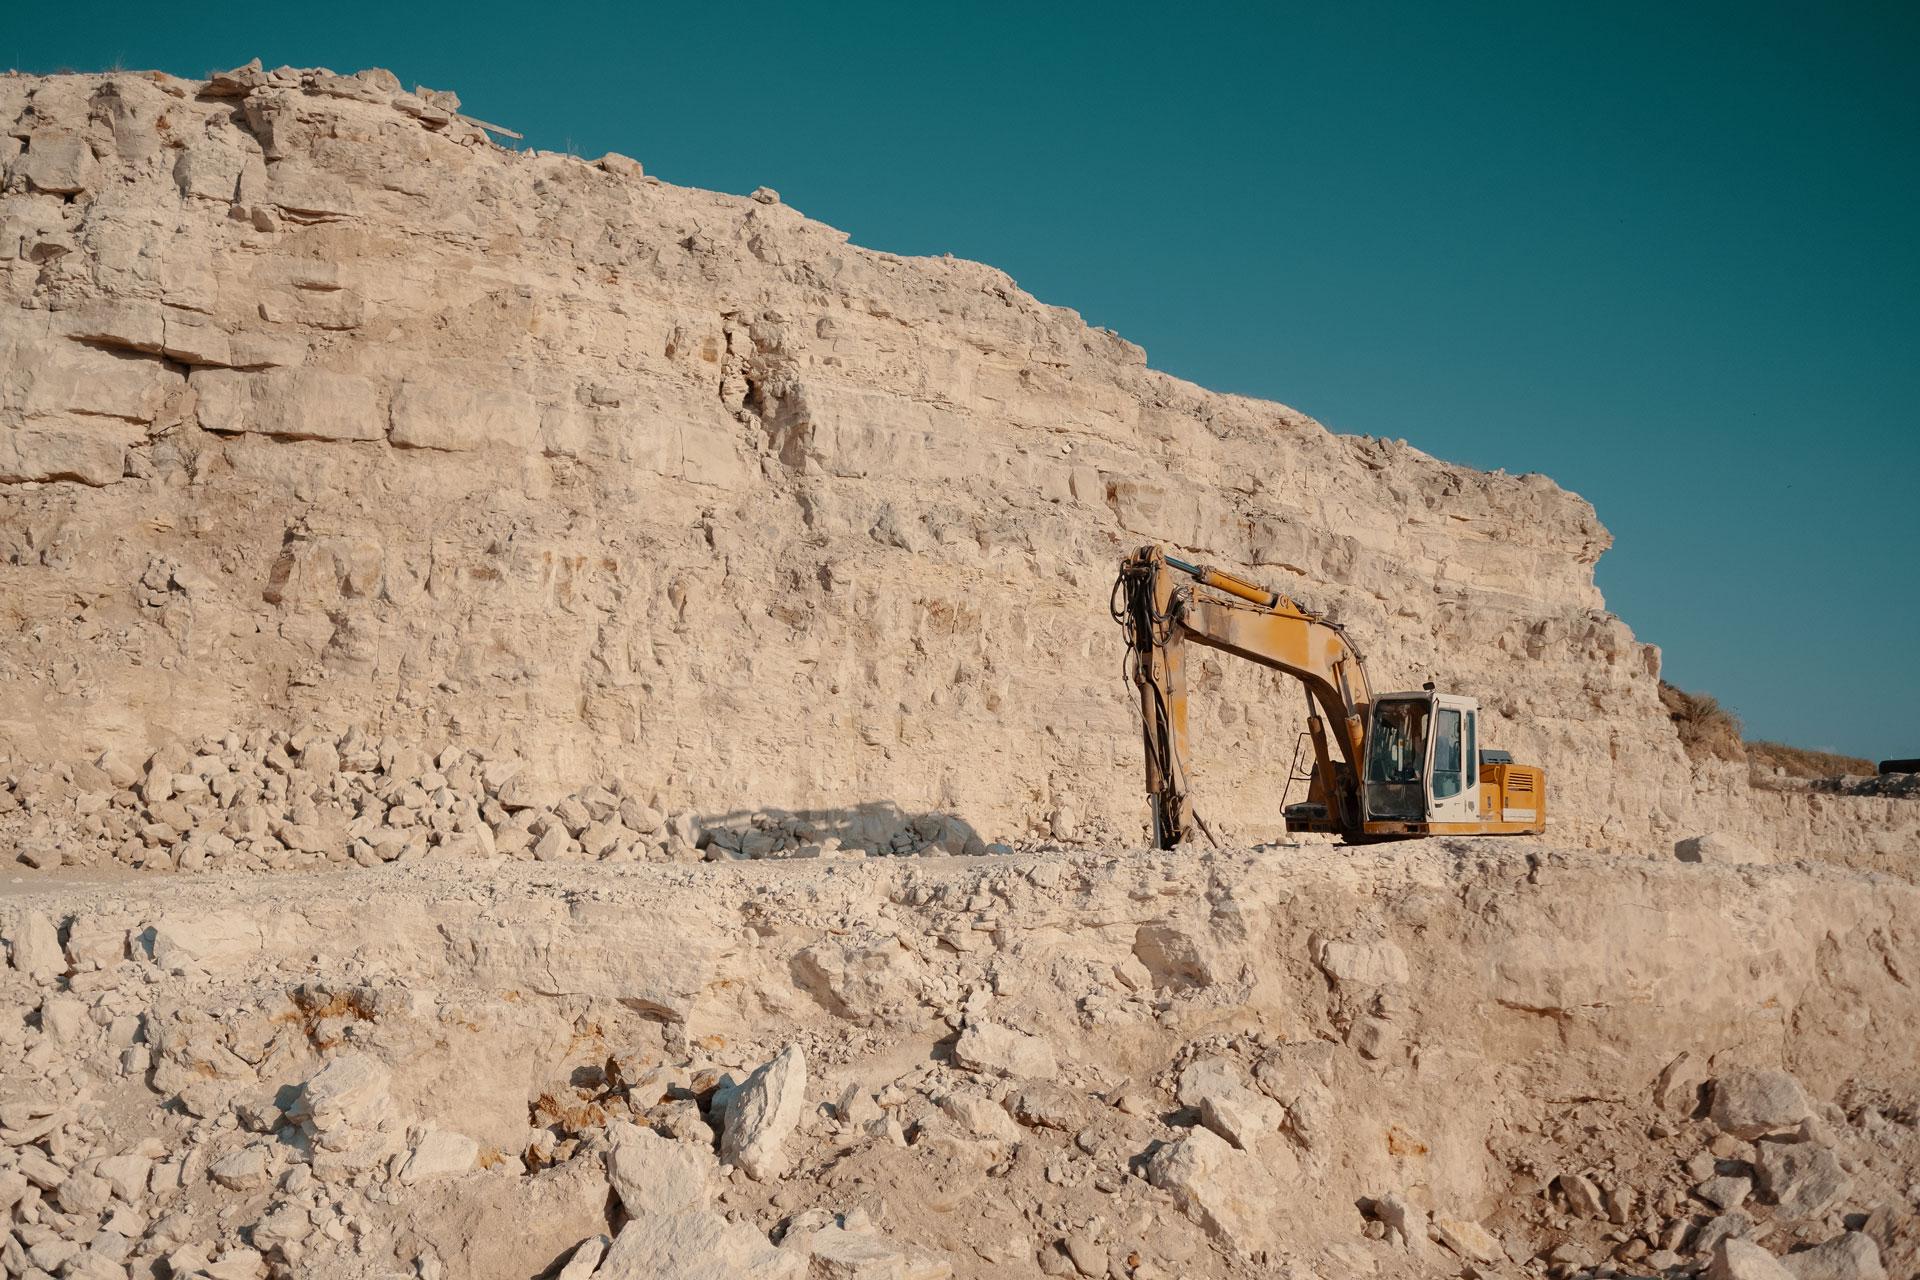 Mining & Rock Breakers Go Hand In Glove